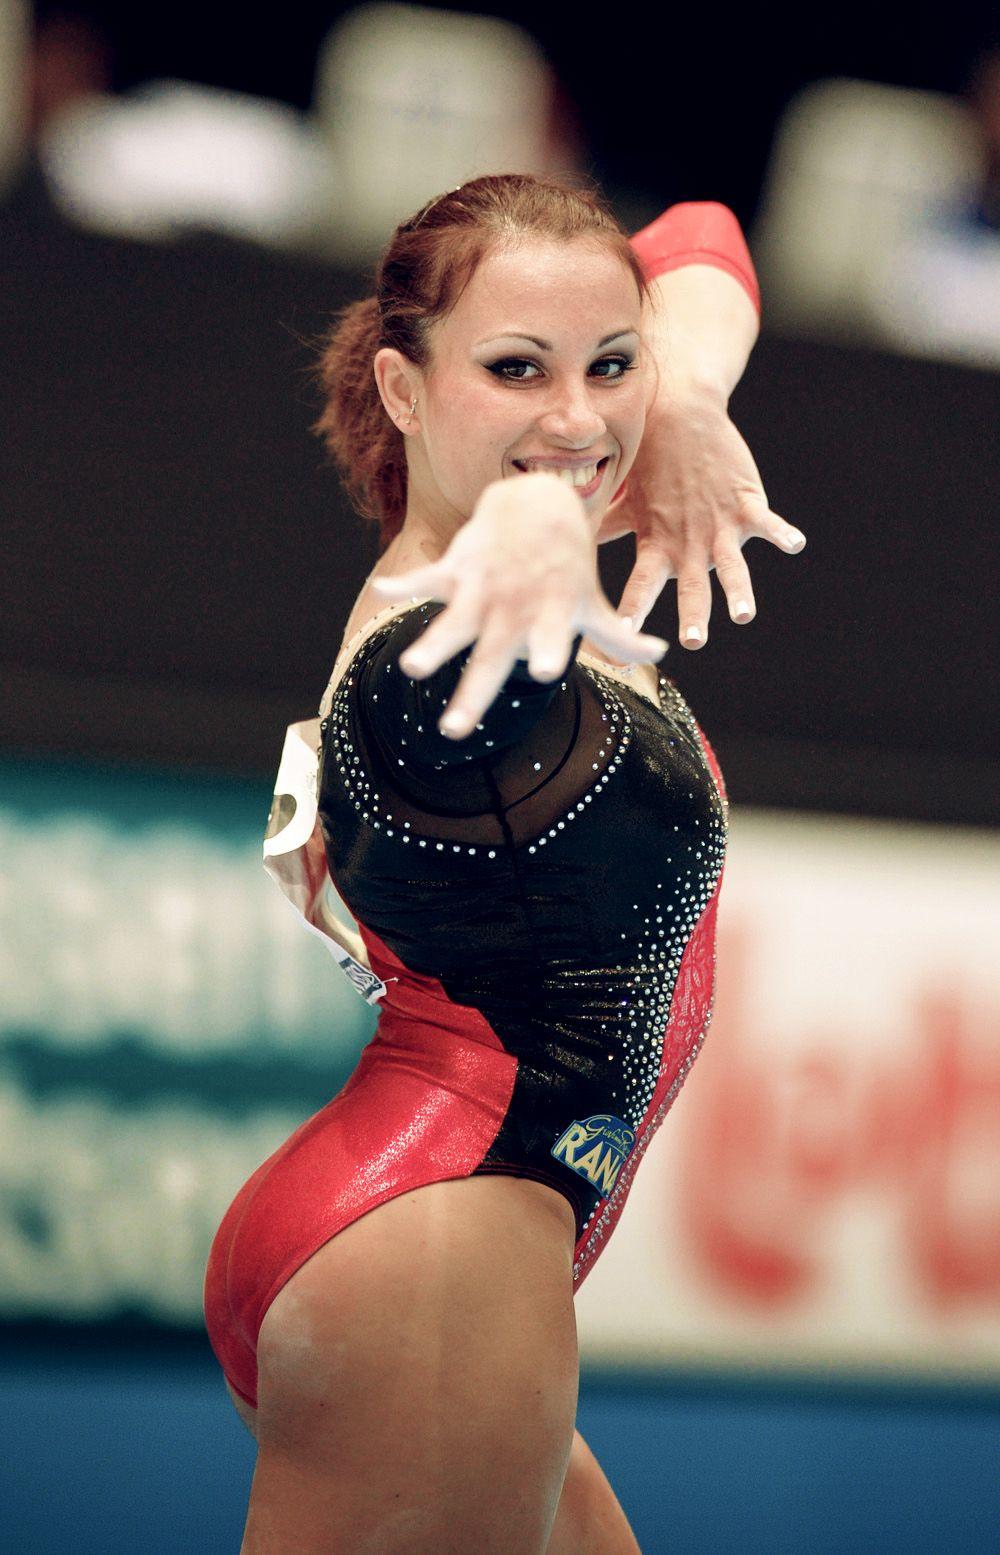 Vanessa Ferrari. her smile | Non American Gymnastics ...